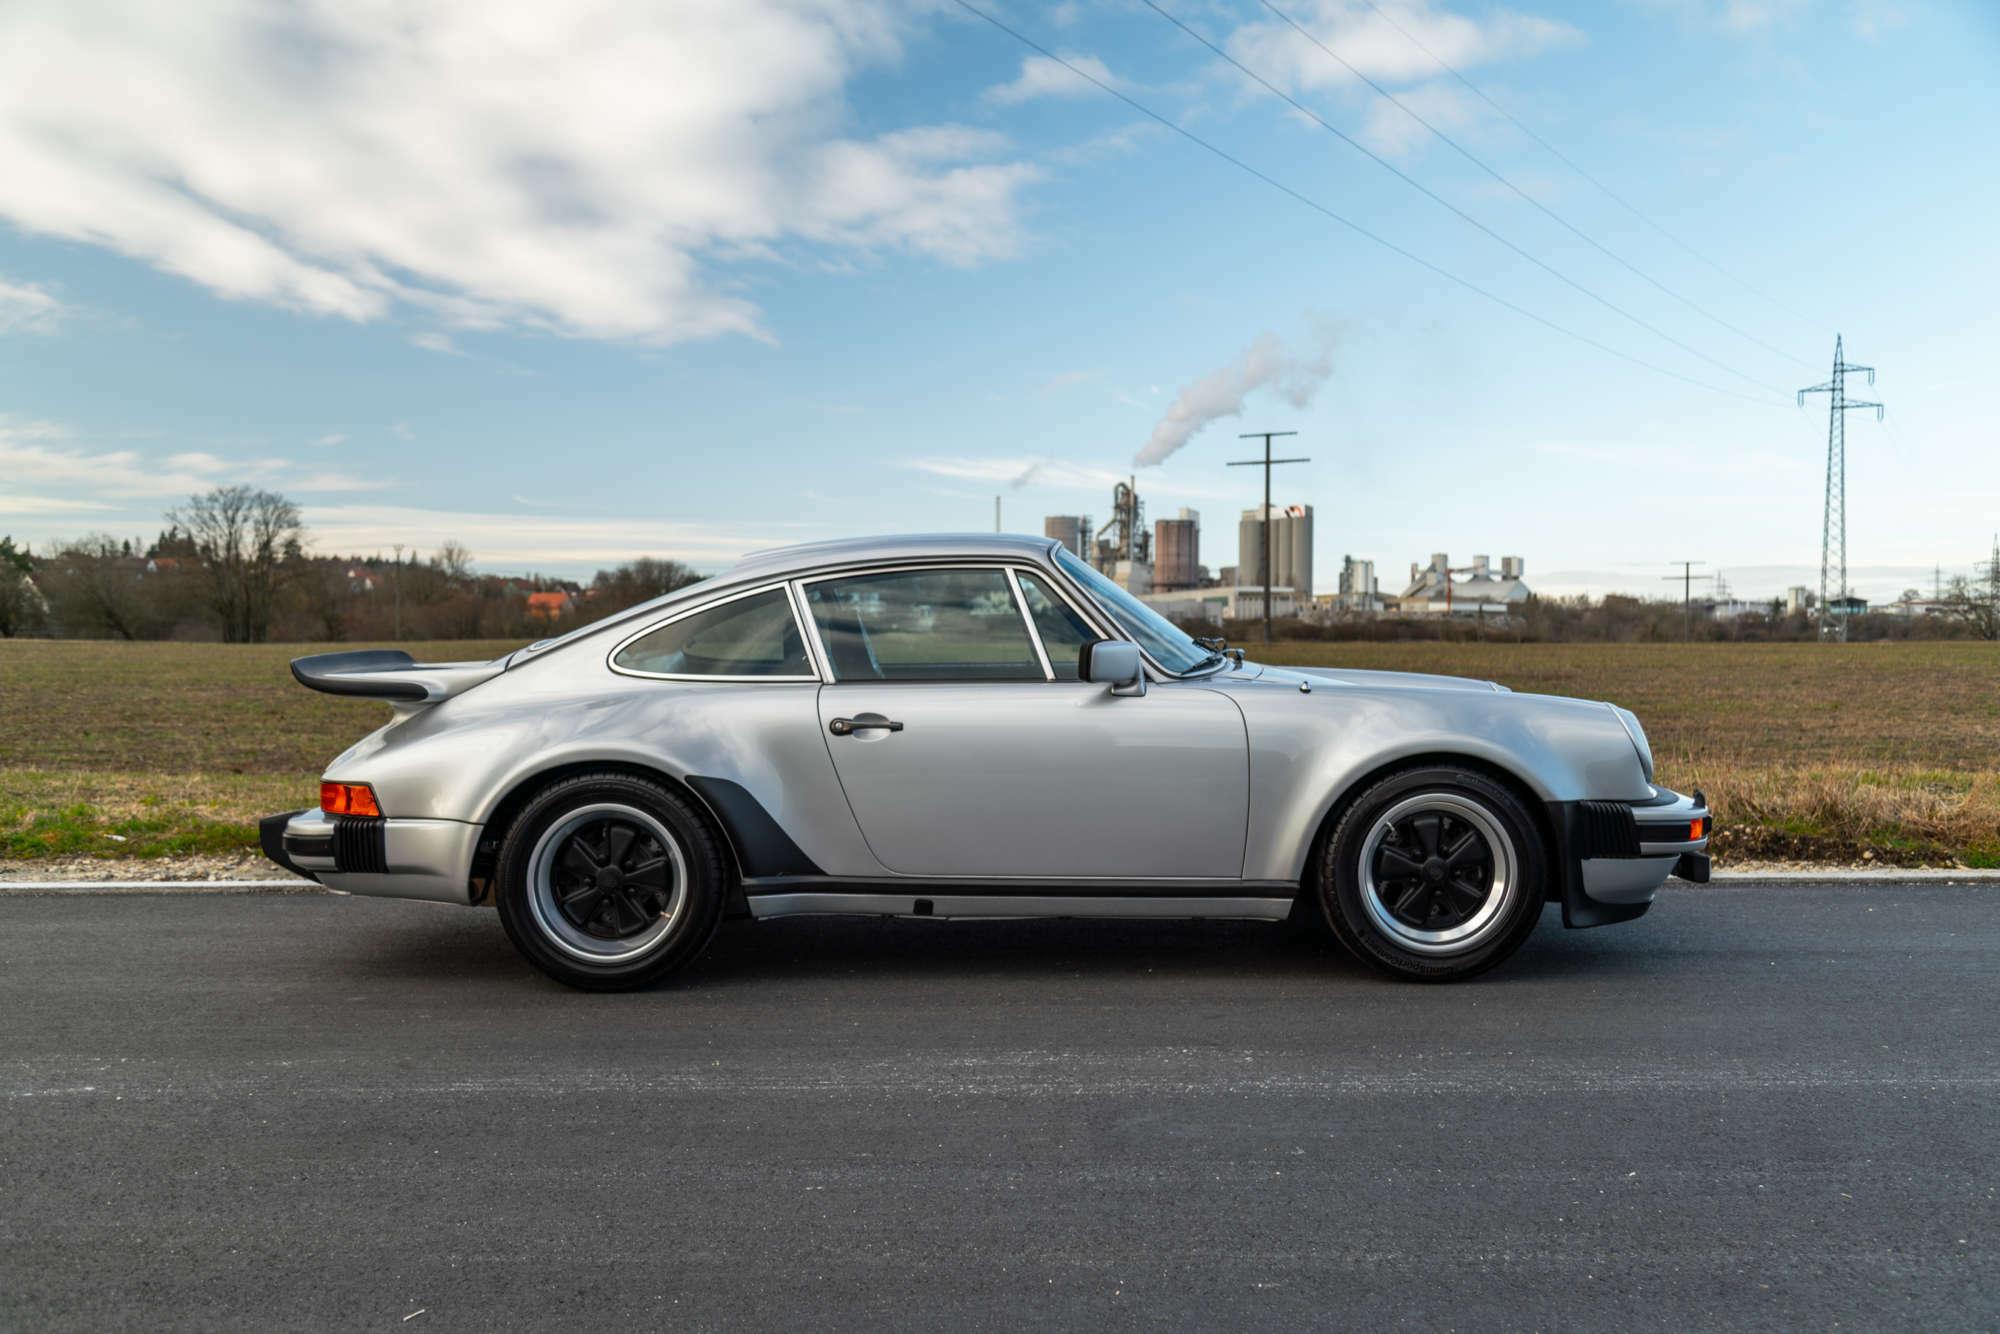 Porsche 911 Turbo for sale